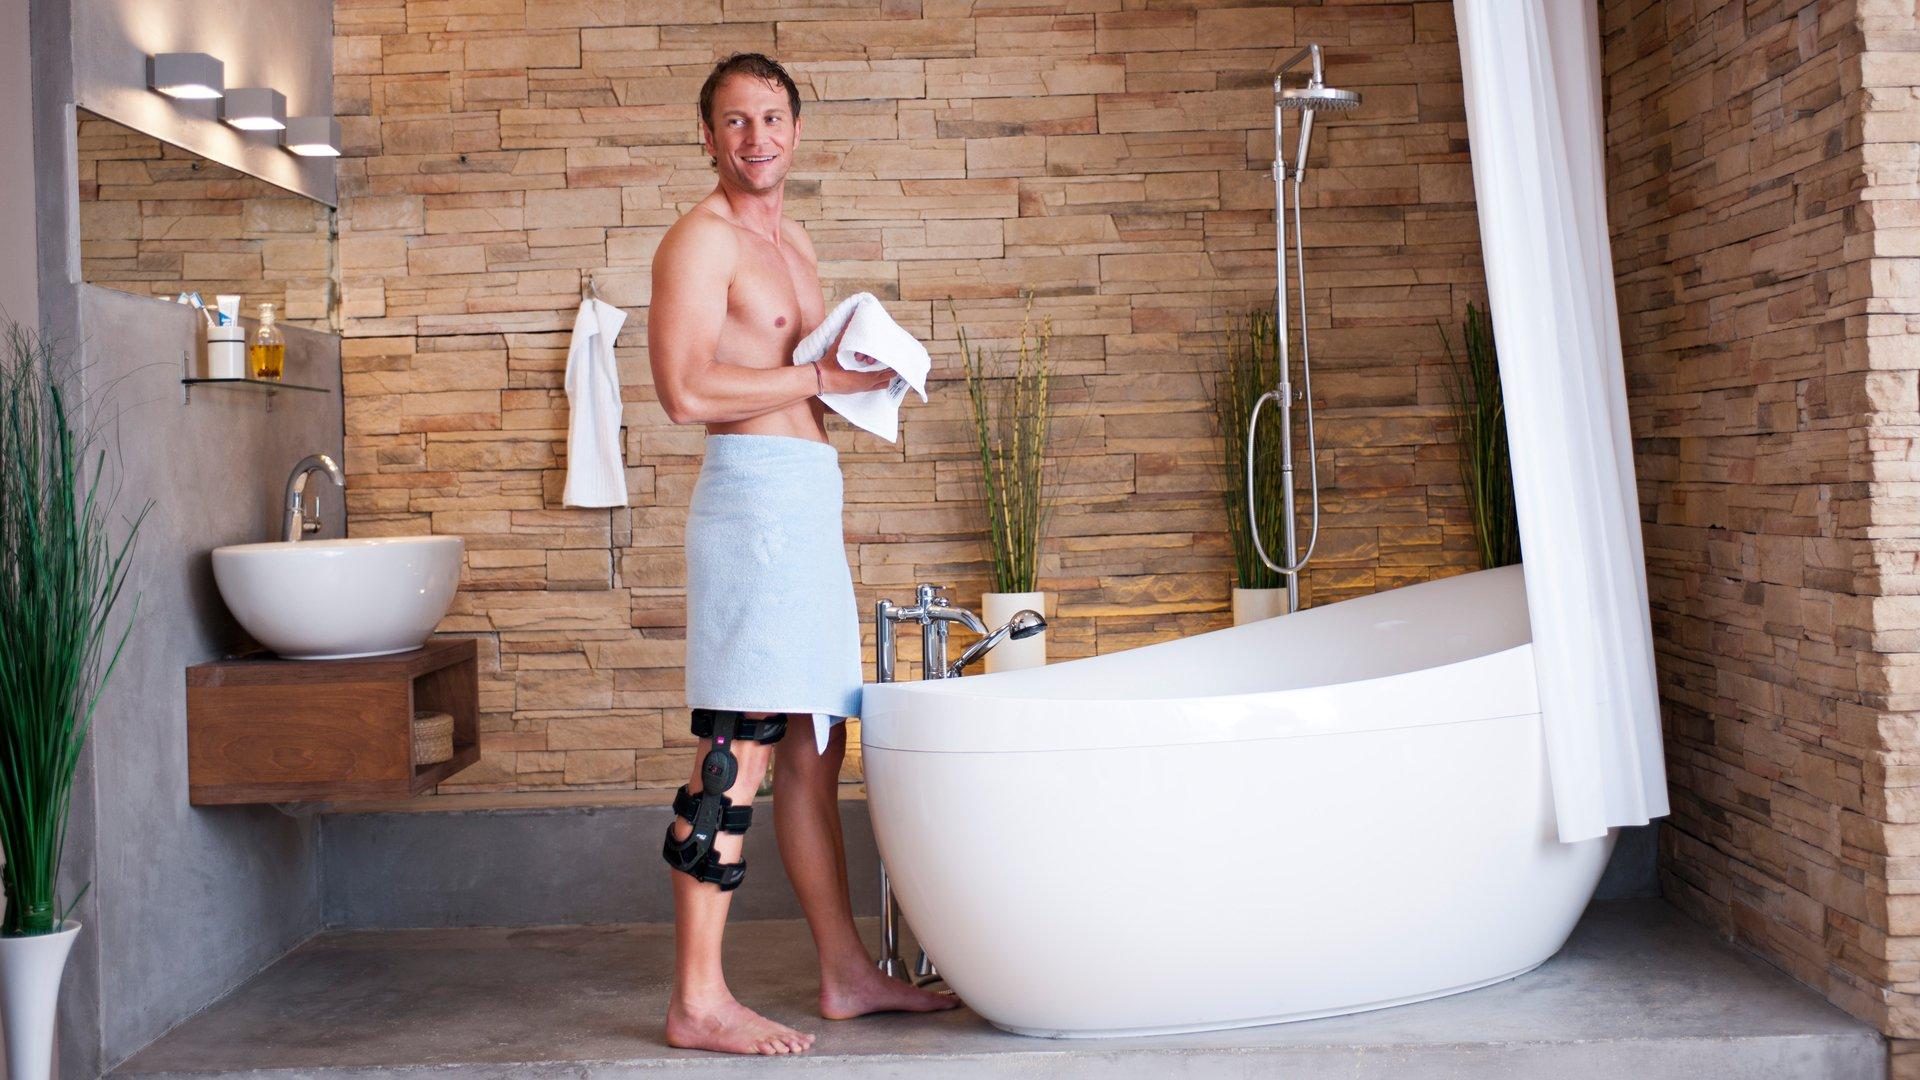 Umfrage bestätigt Schutzfunktion einer Knieorthese in kritischen Alltagssituationen